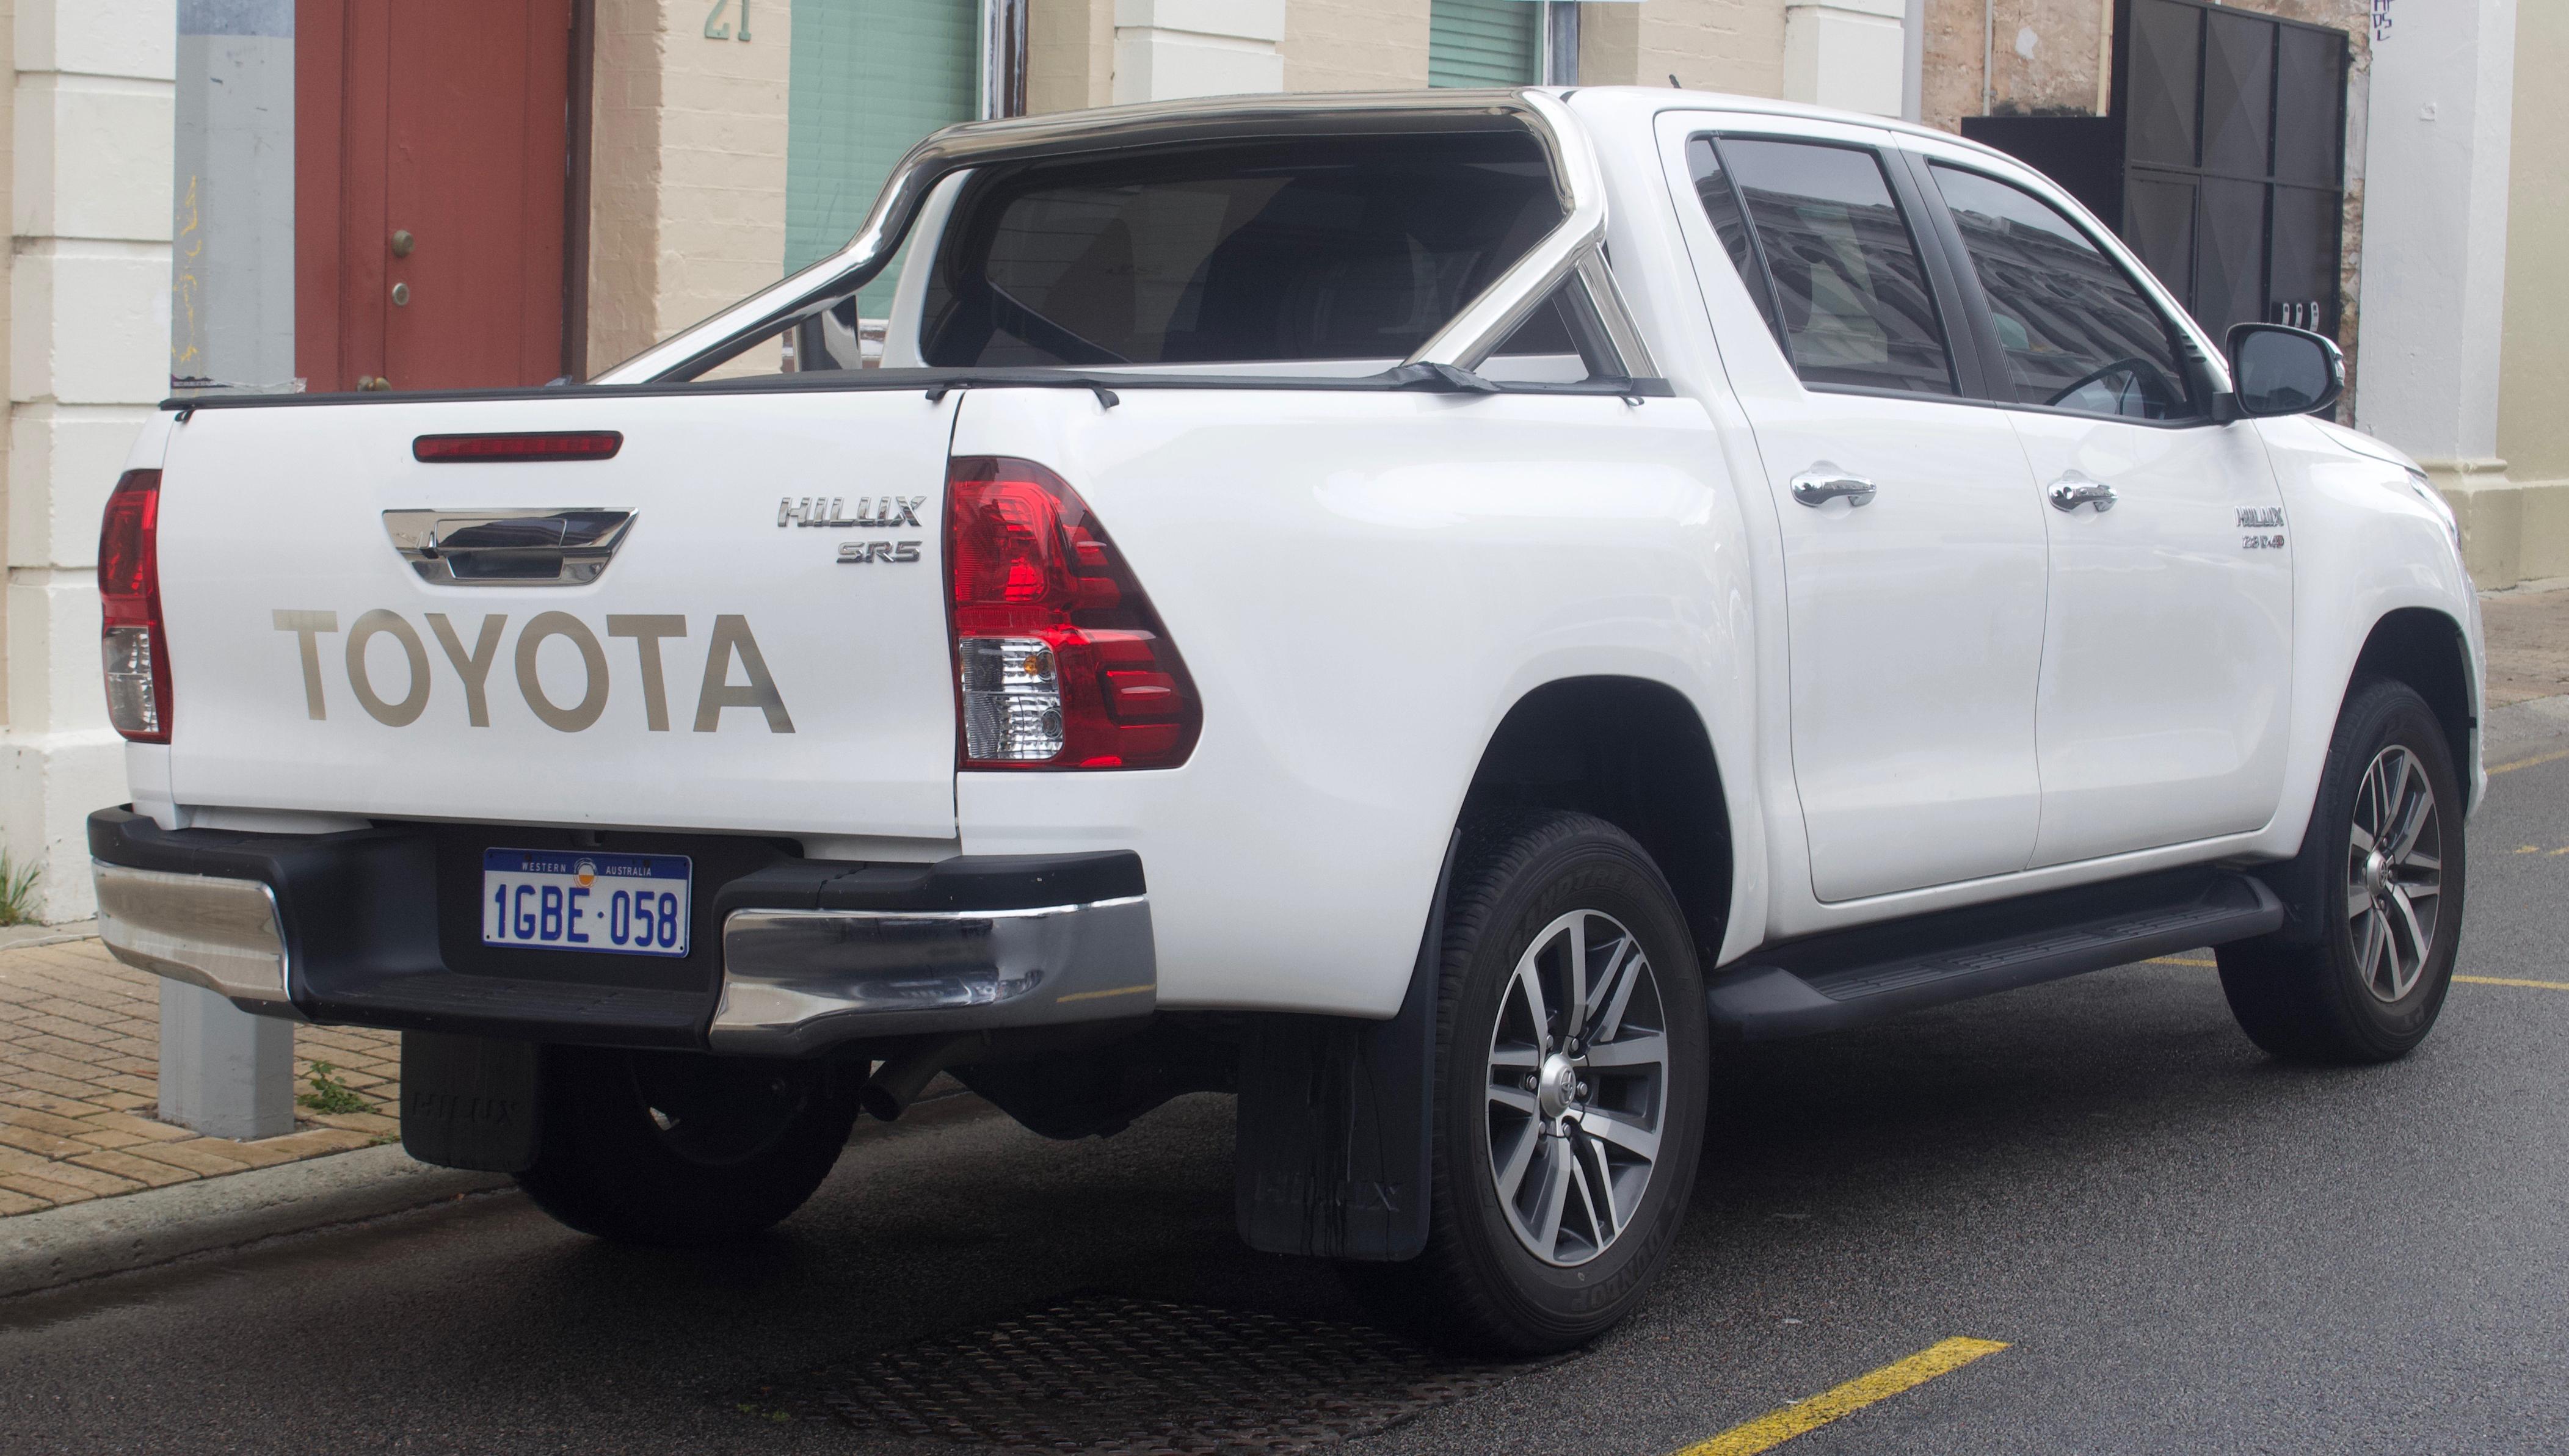 Kekurangan Toyota Hilux 2018 Top Model Tahun Ini